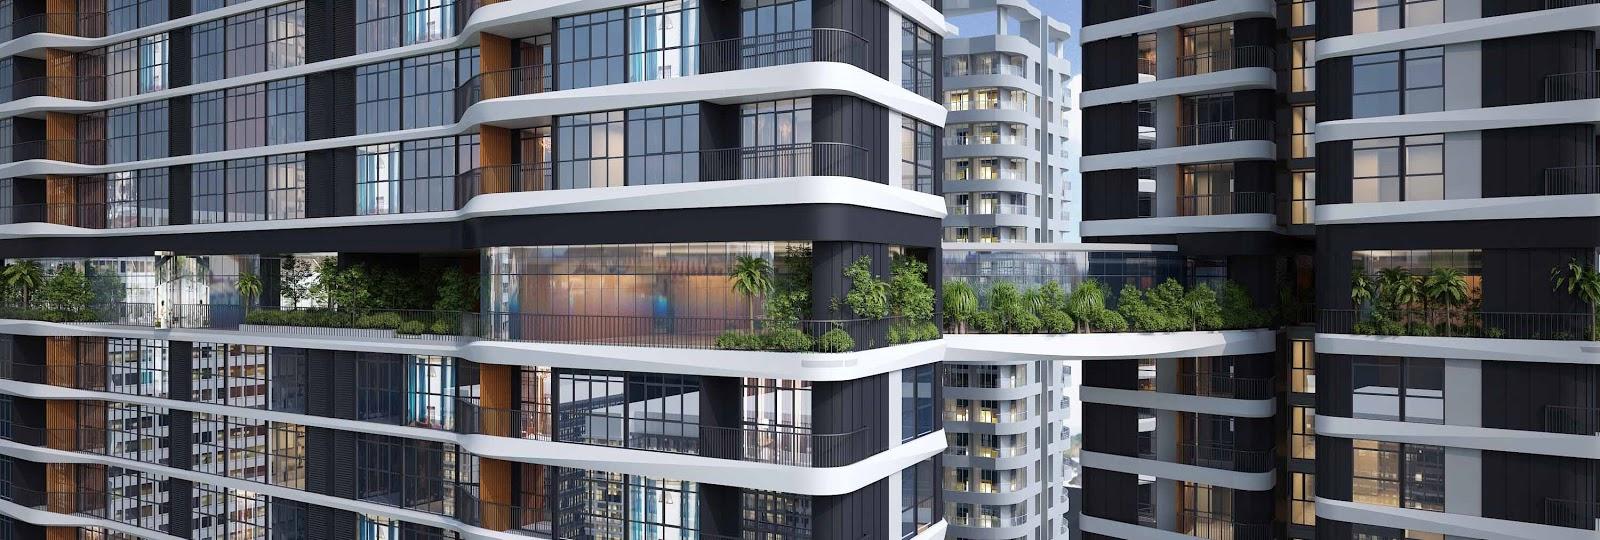 Rất hợp lý khi chọn mua căn hộ chung cư Han Jardin Ngoại Giao Đoàn